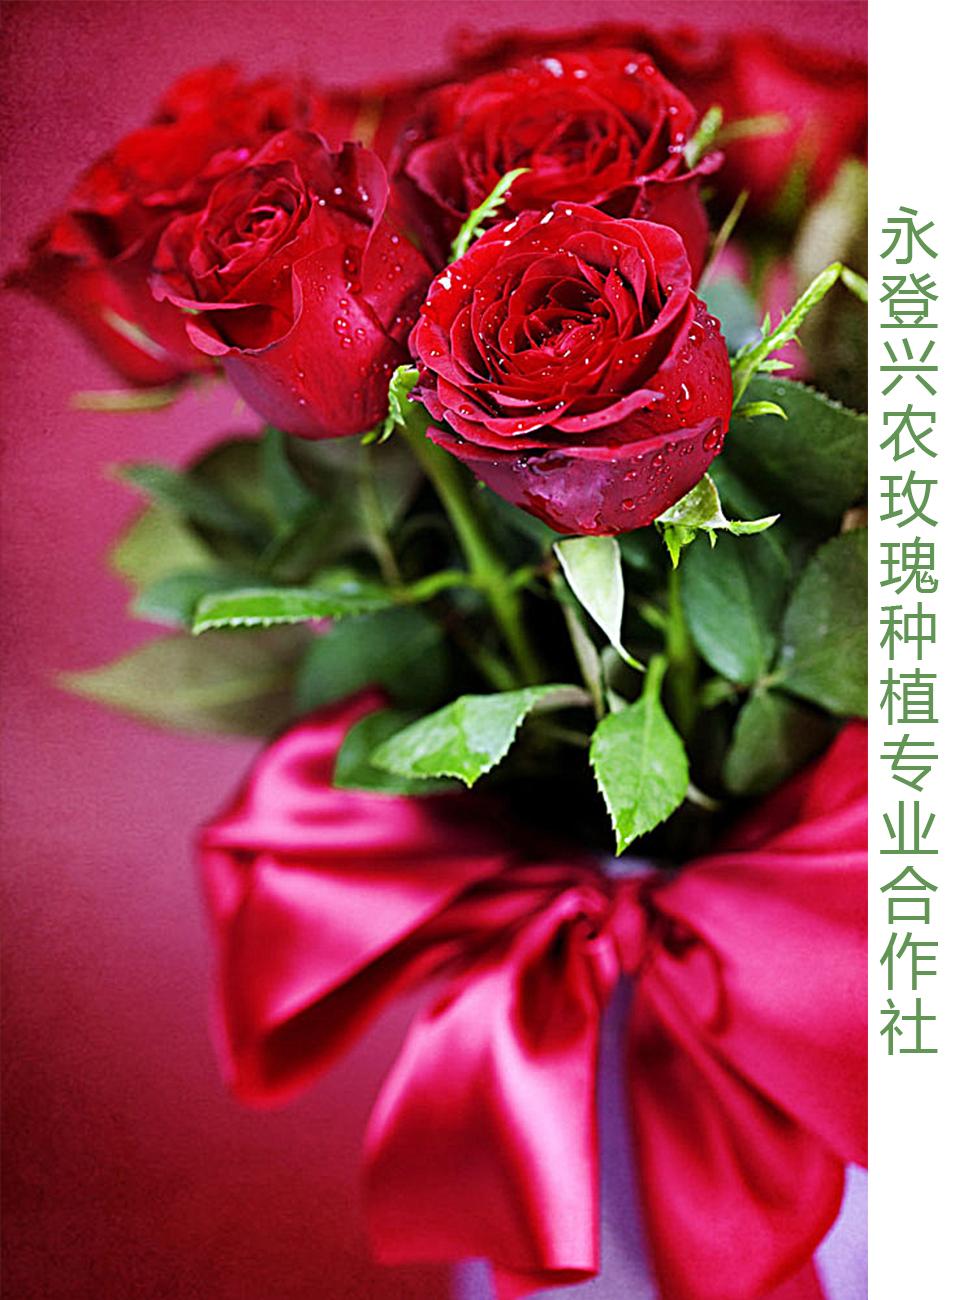 永登县兴农玫瑰种植专业合作社